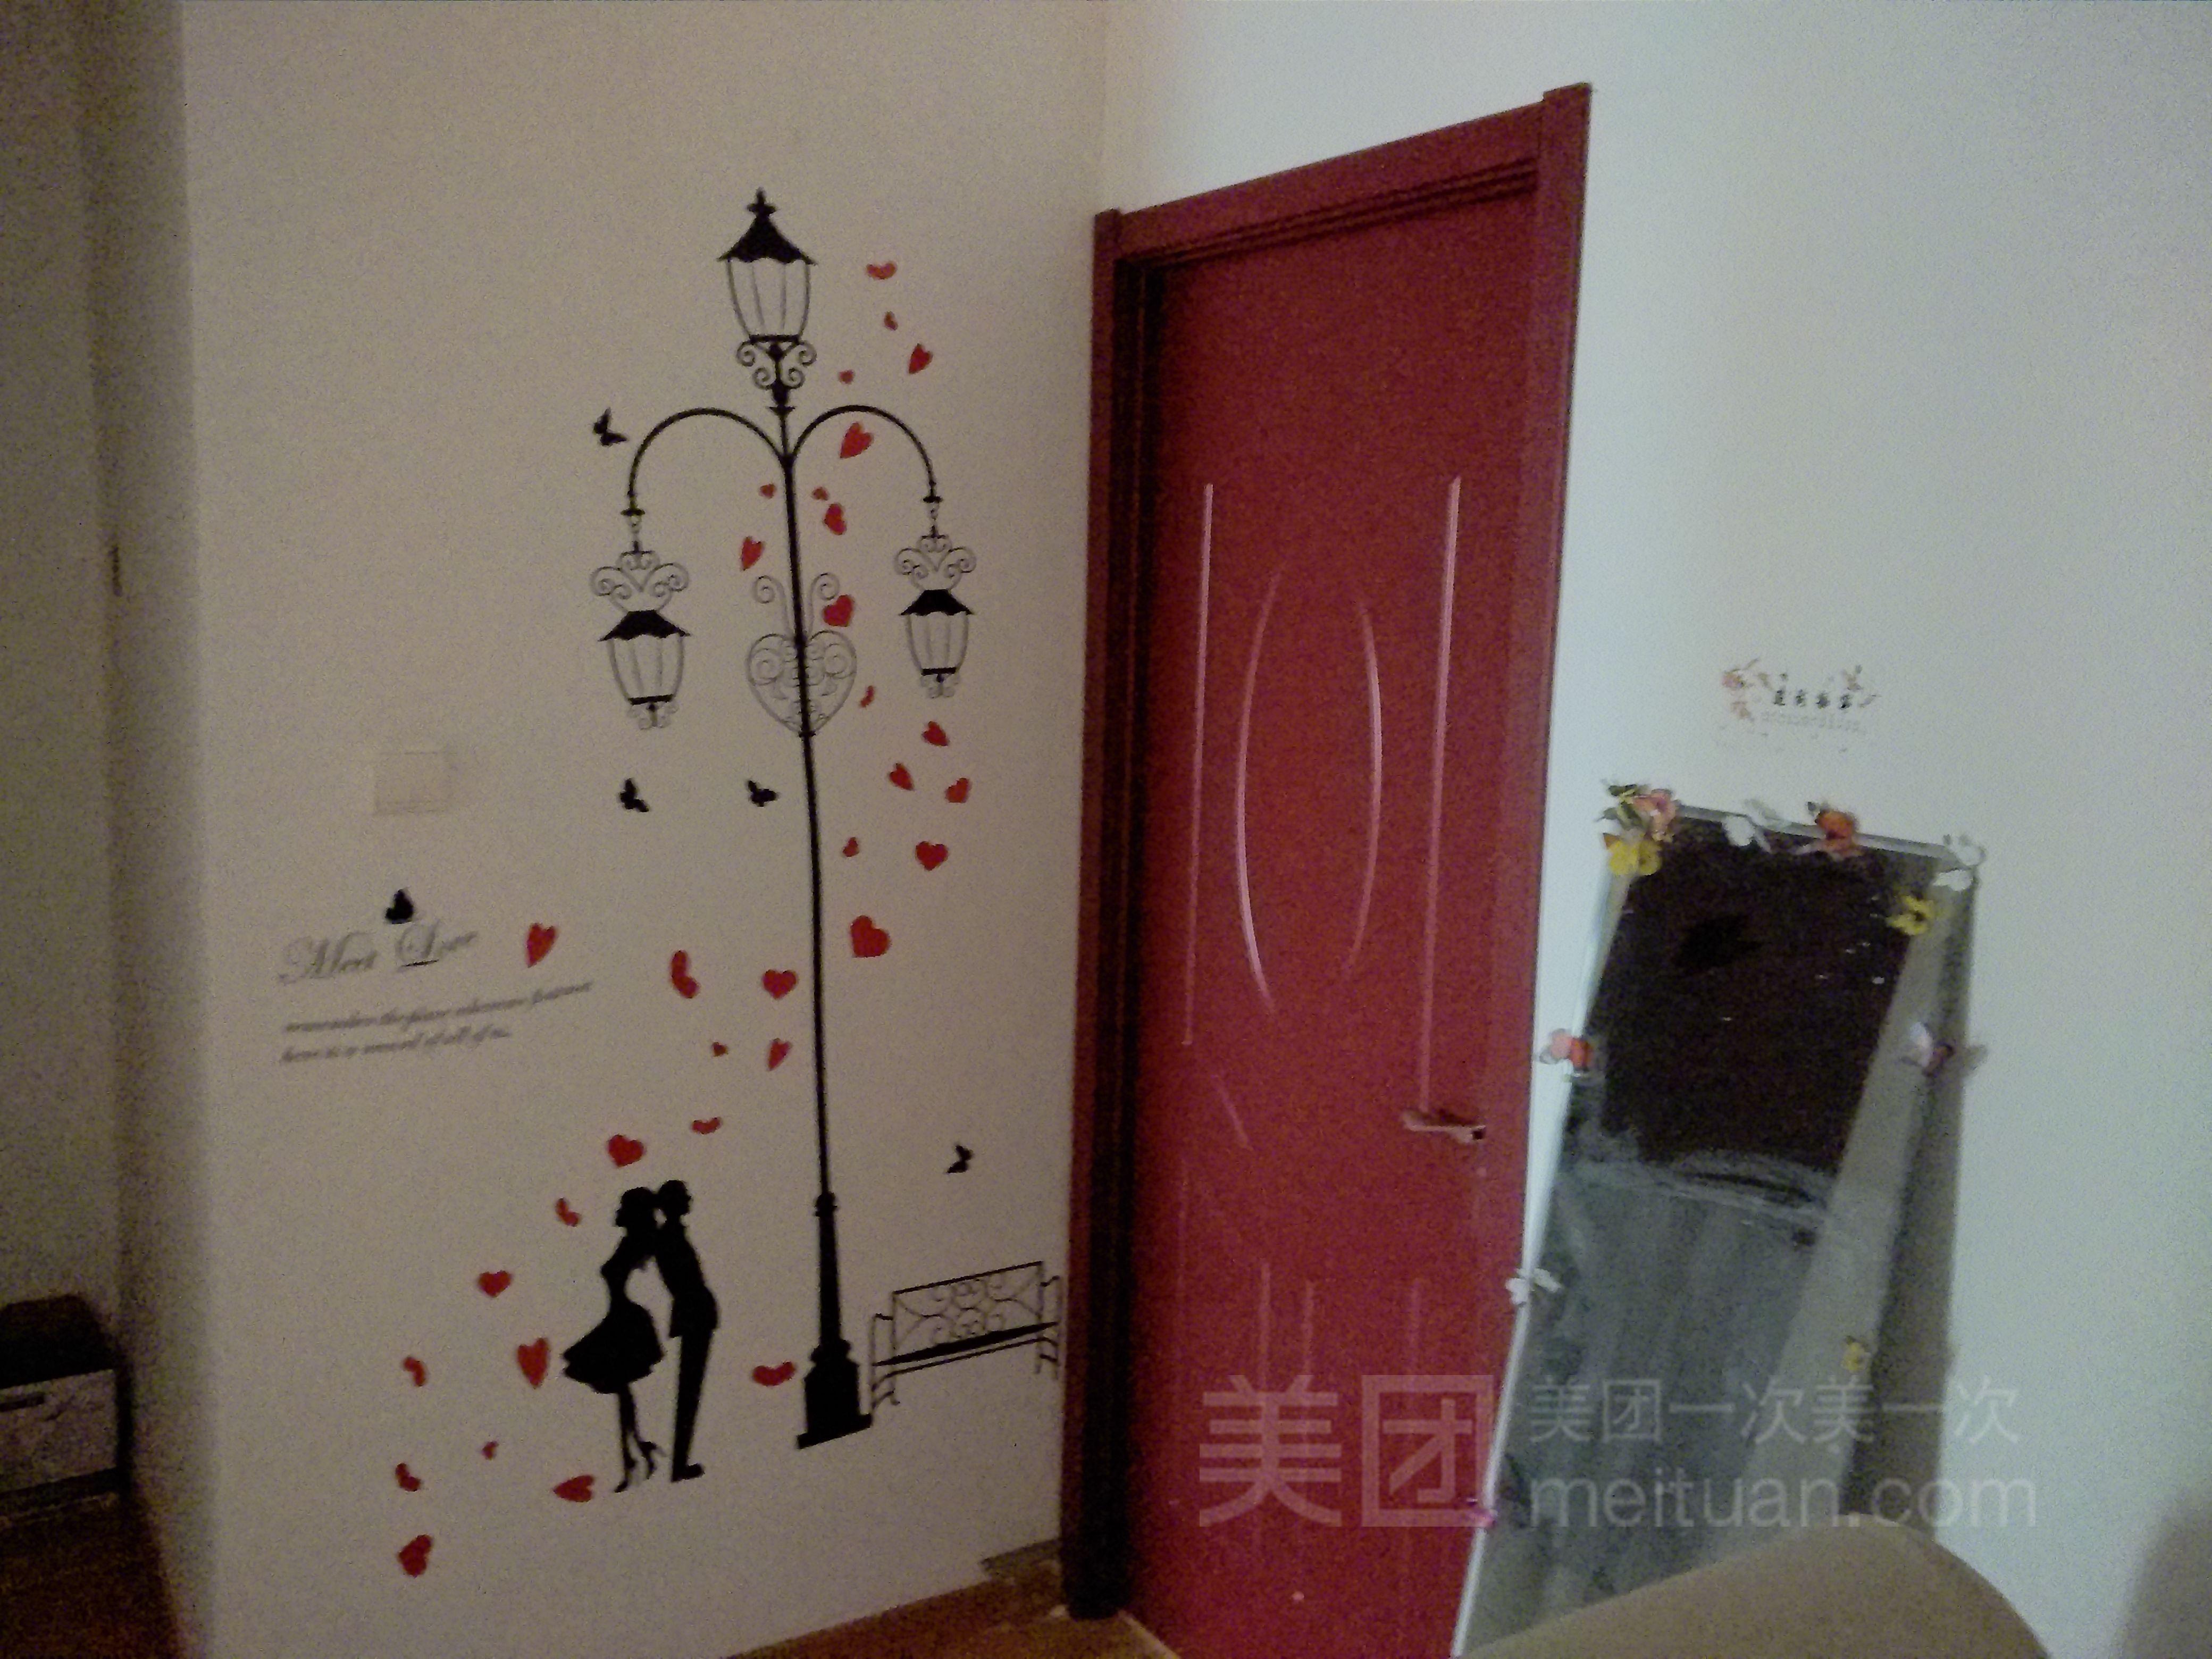 爱情公寓5-美团